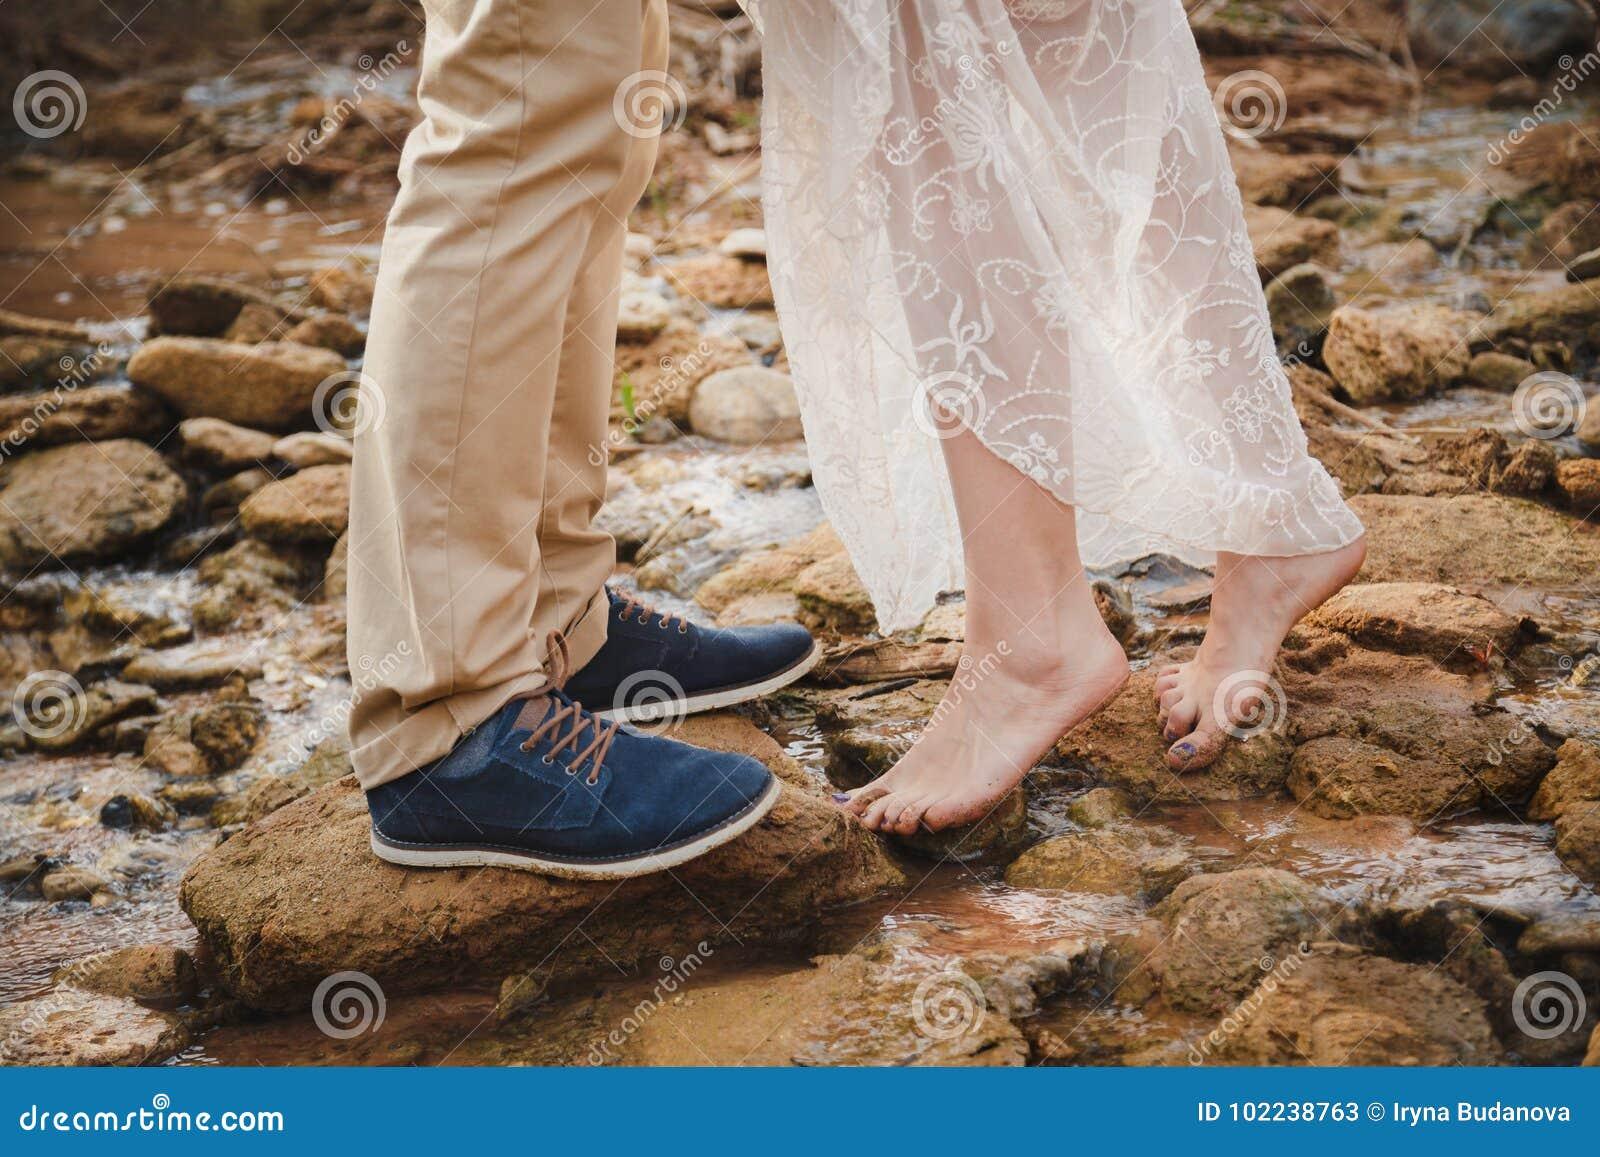 Η υπαίθρια γαμήλια τελετή, κλείνει επάνω των νέων ποδιών γυναικών που στέκονται χωρίς παπούτσια στις πέτρες μπροστά από επανδρώνε